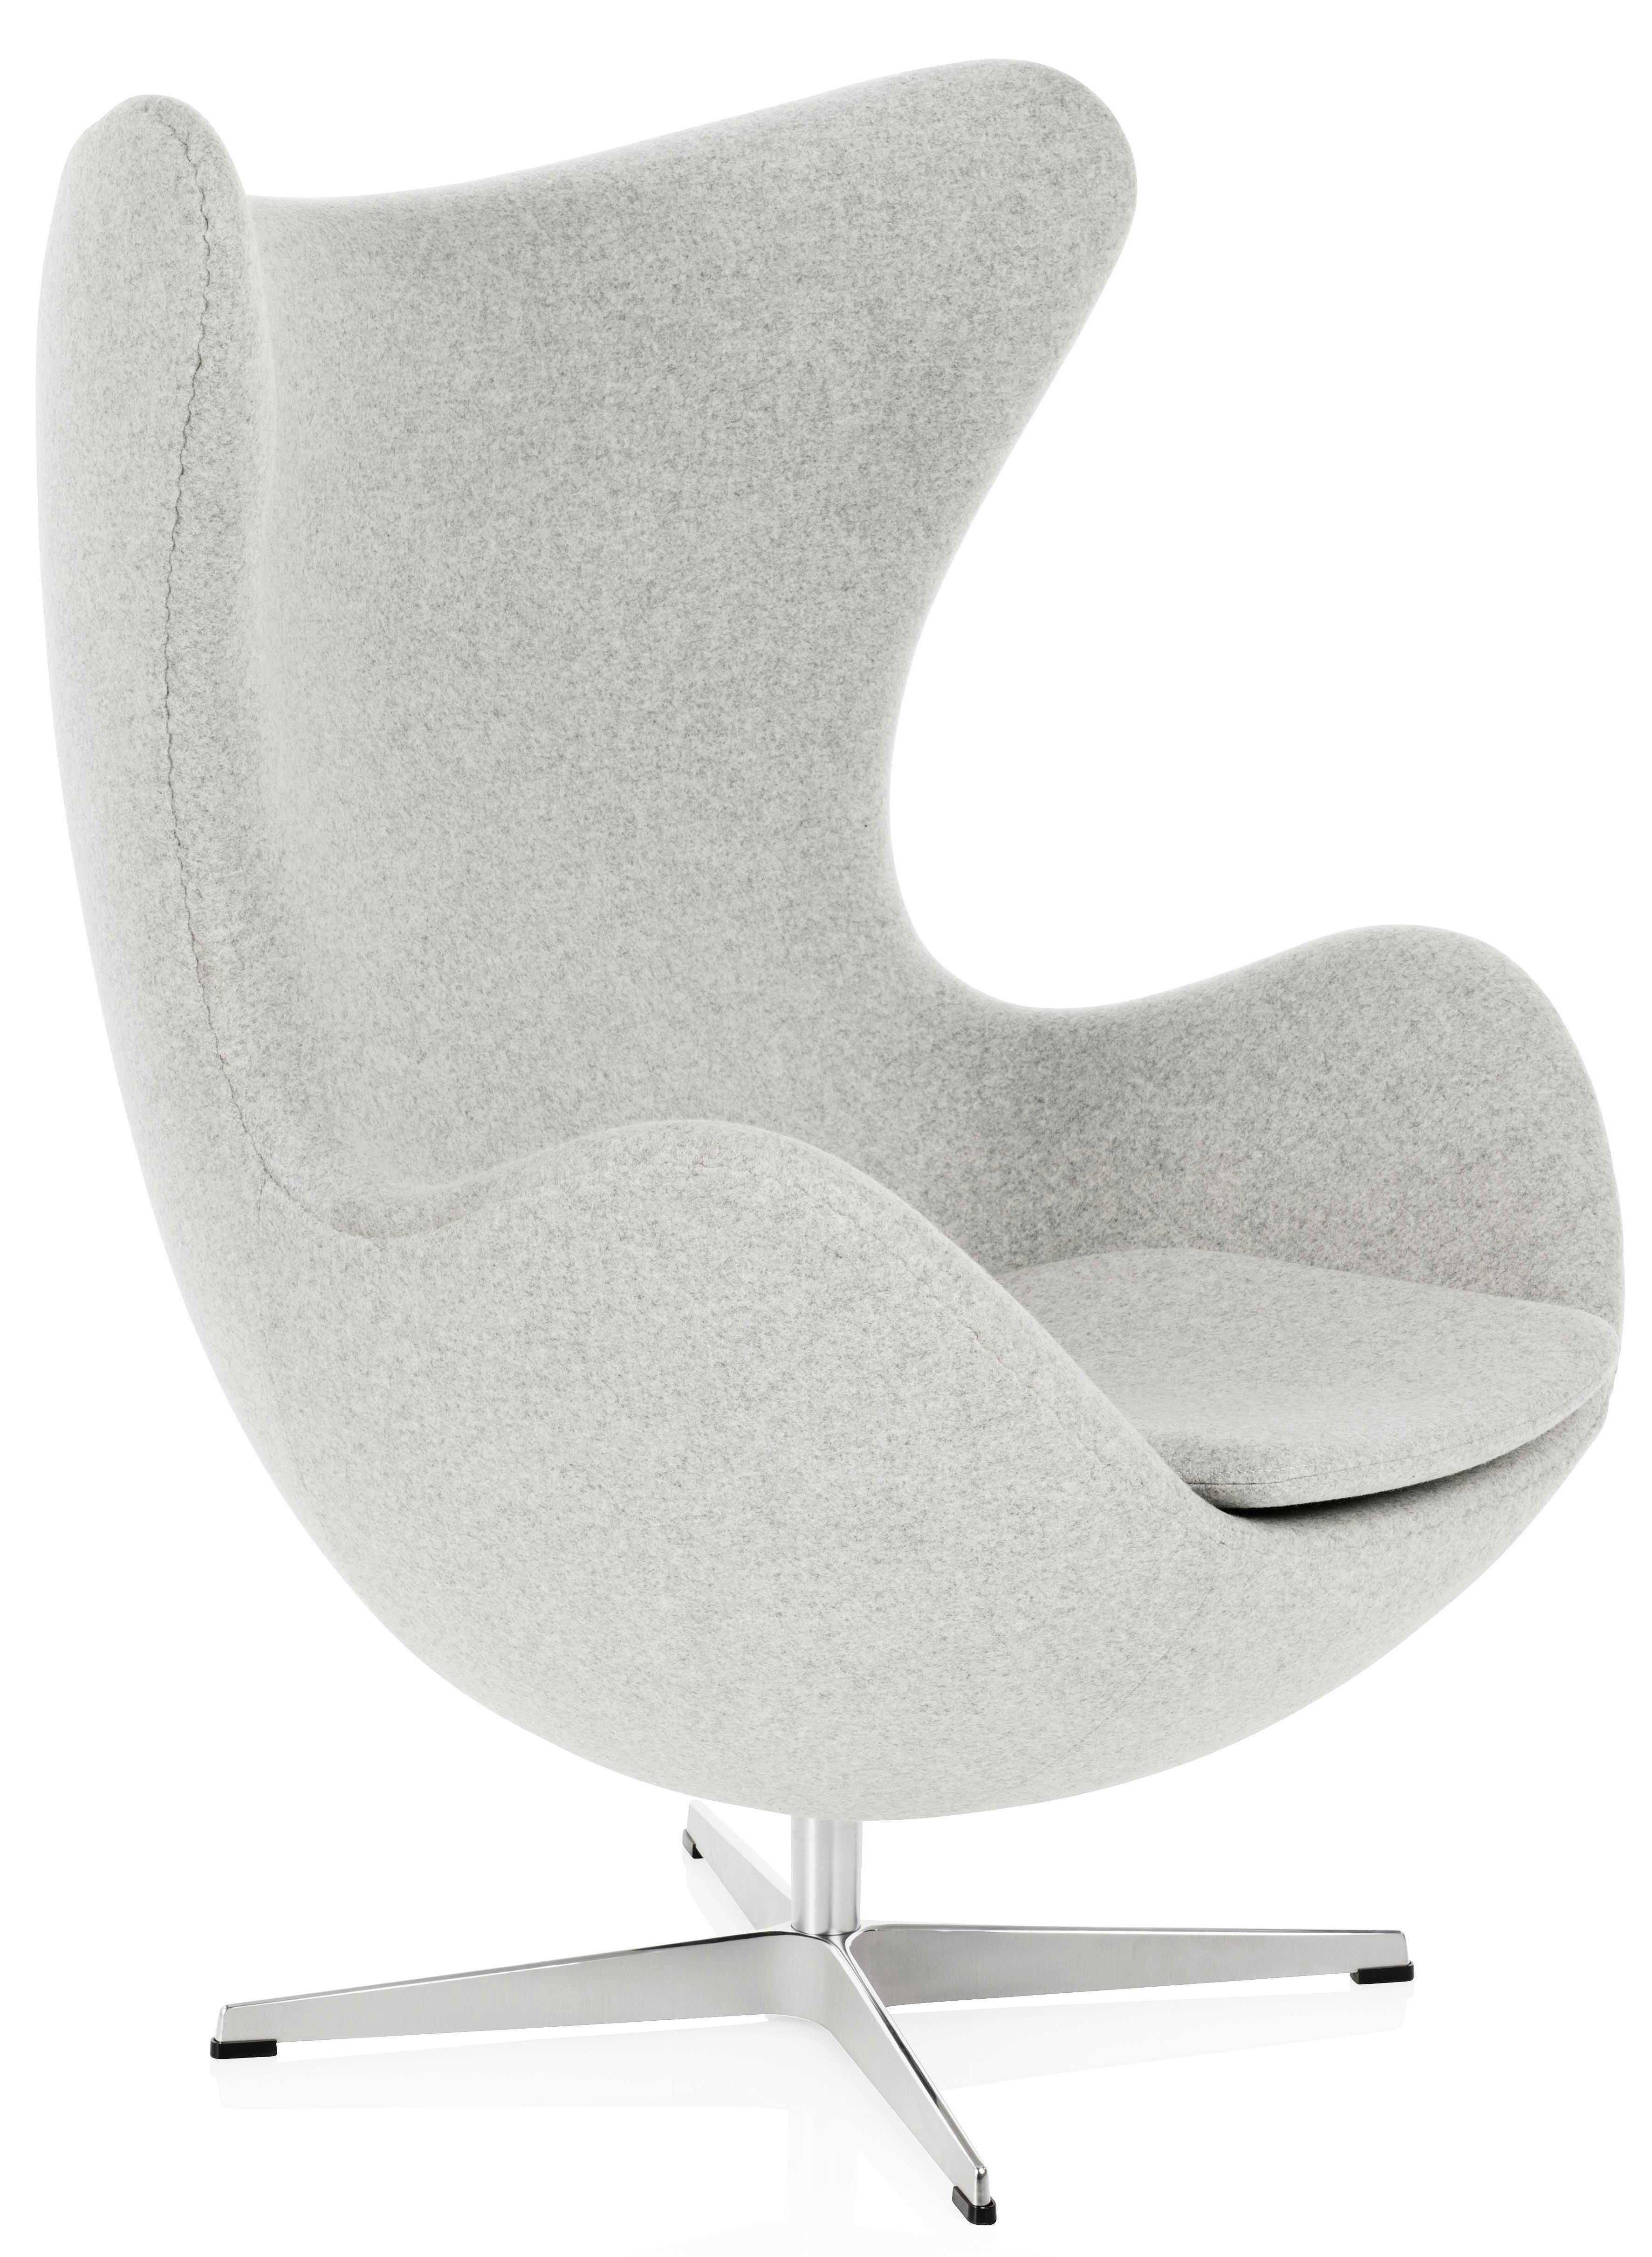 Egg Chair Kopen.Aanbieding Egg Chair Huismerk Met Korting